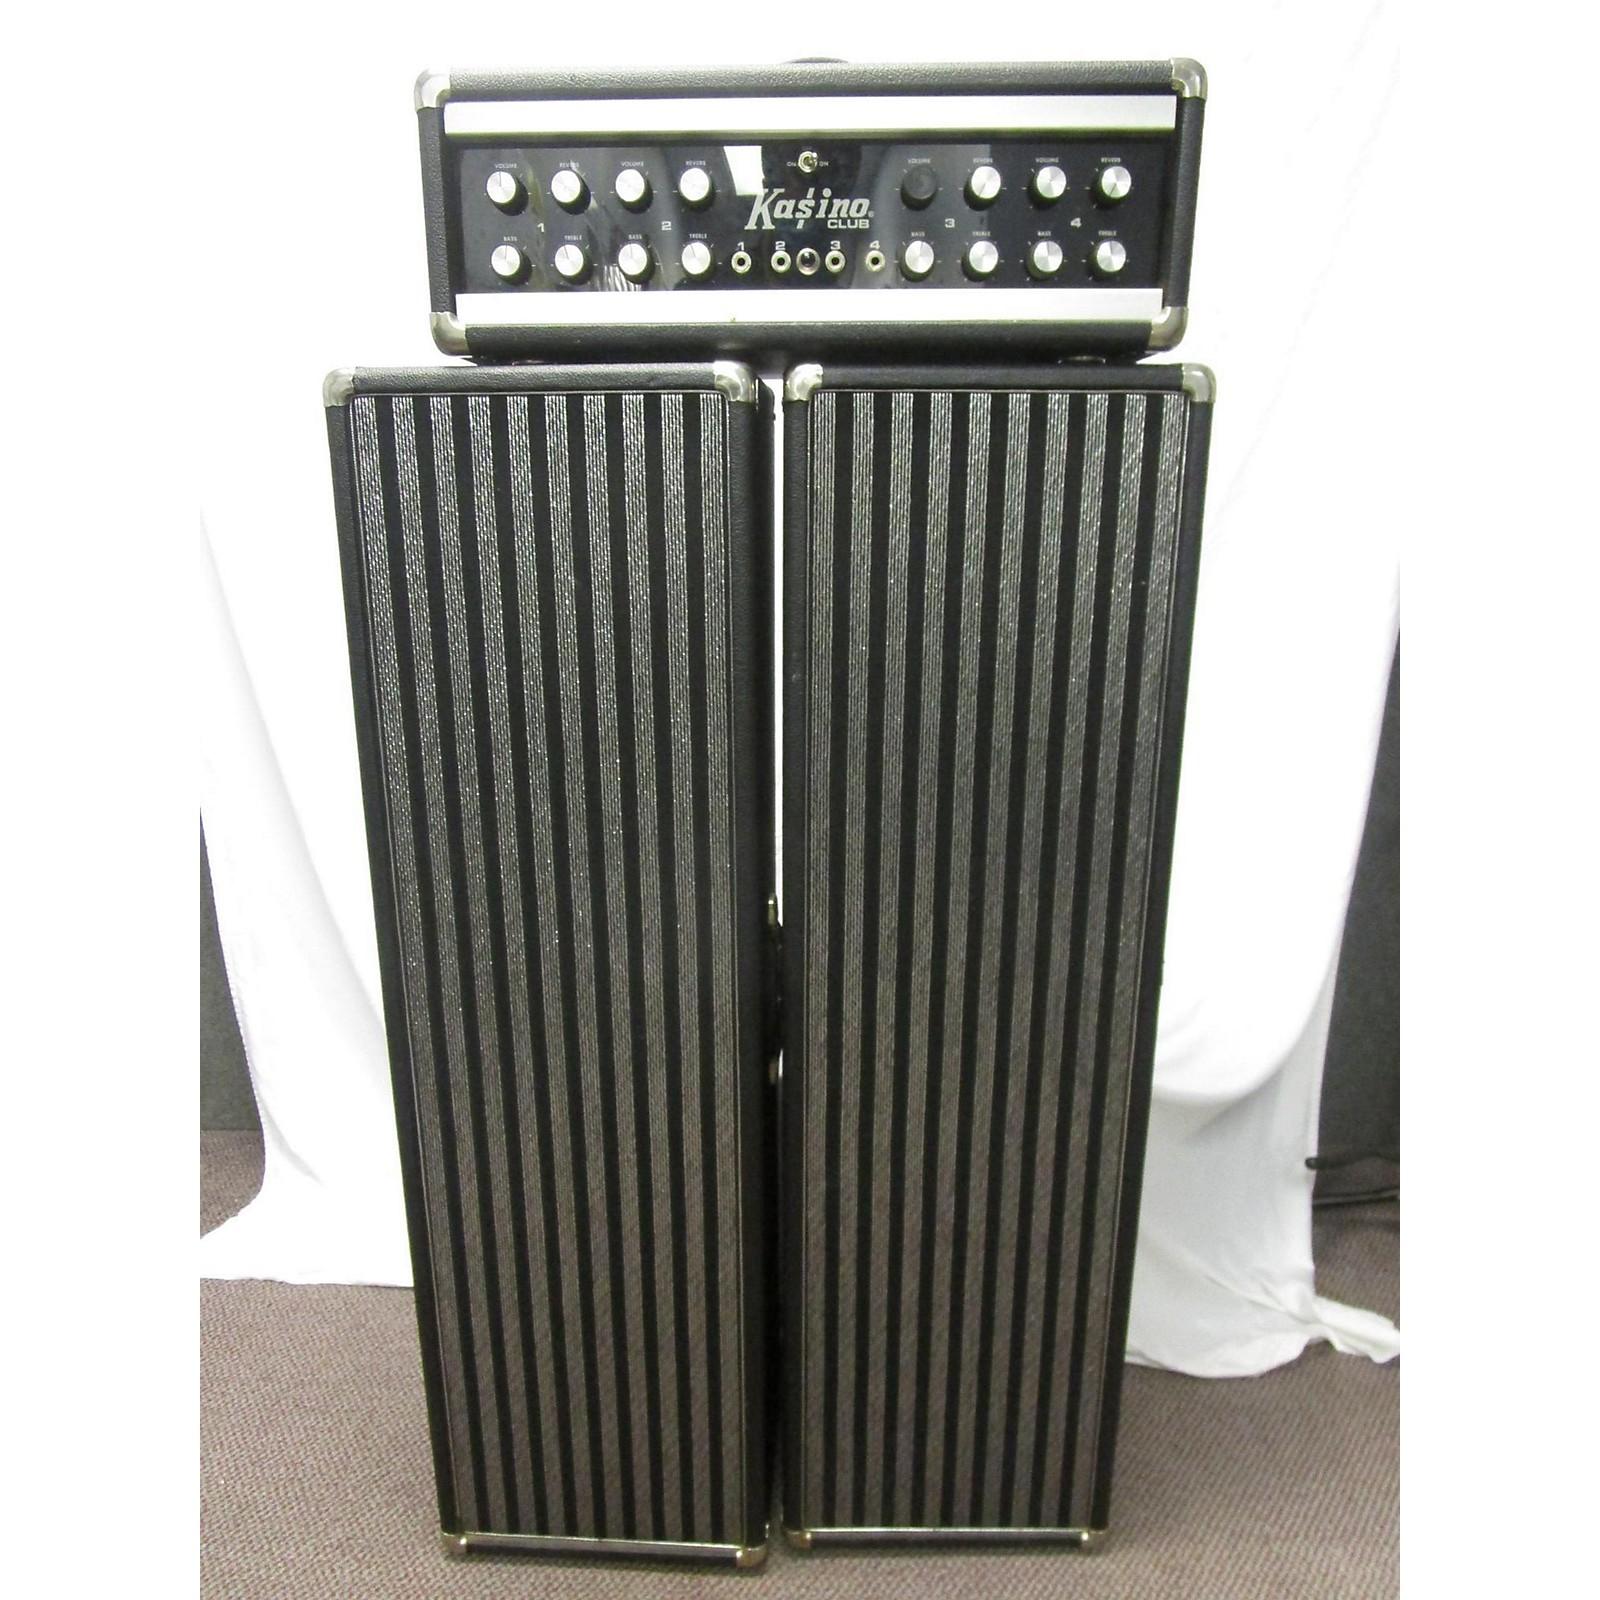 Kasino U-100p Soundsystem Sound Package